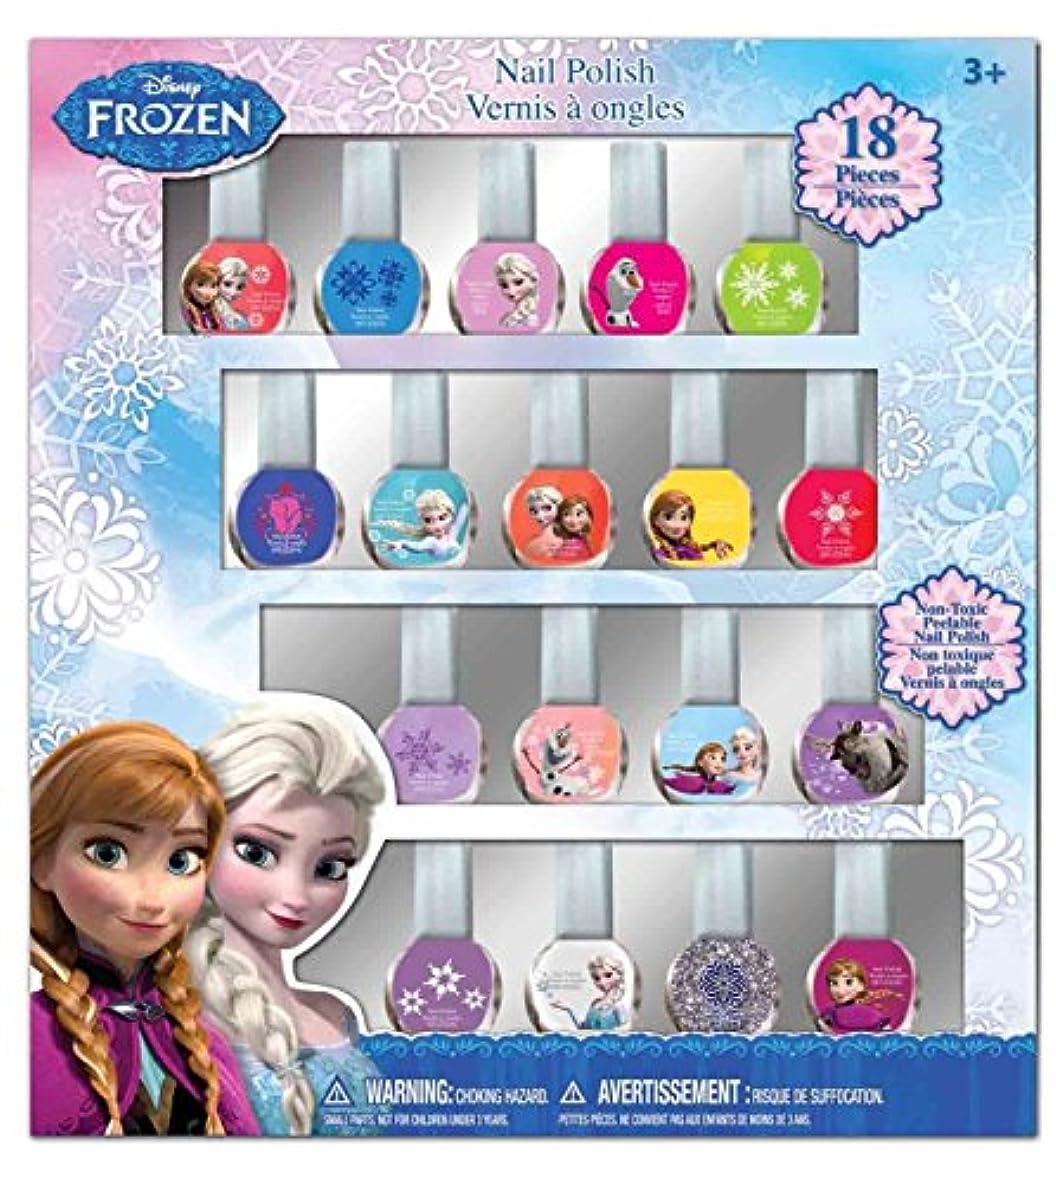 ハイライトジャンプするスキャンダルディズニー アナと雪の女王 はがせるマニュキュア18本セット Disney Frozen Nail Polish (18p)